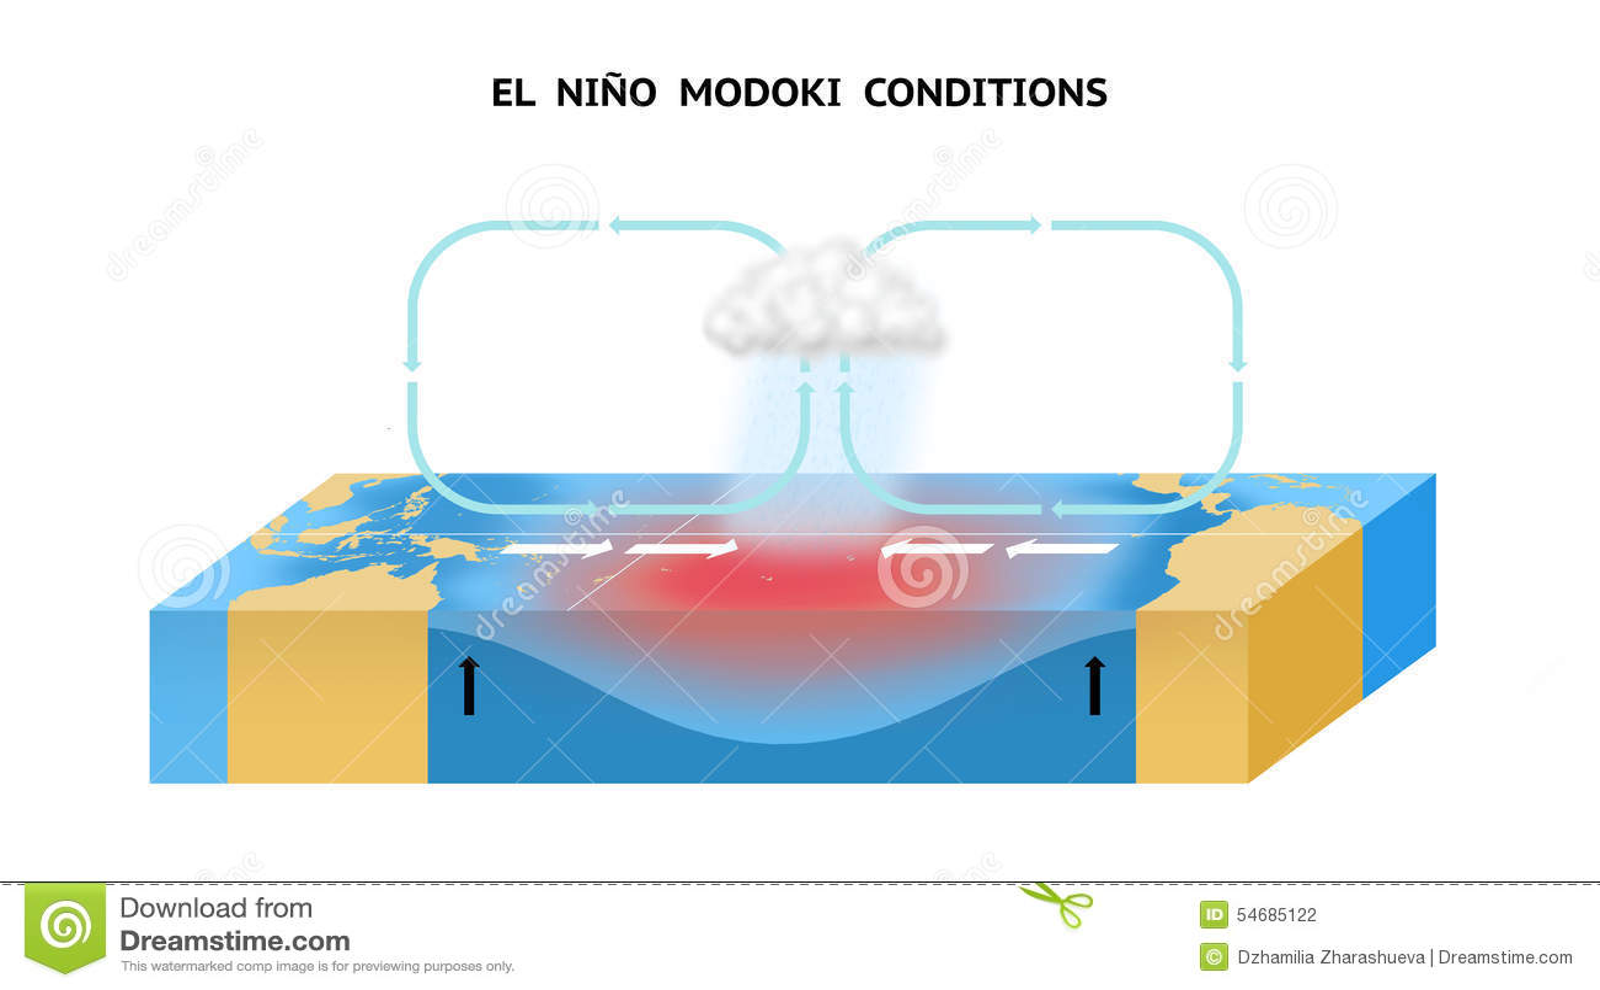 Условия El Nino Modoki в экваториальном Тихом океане